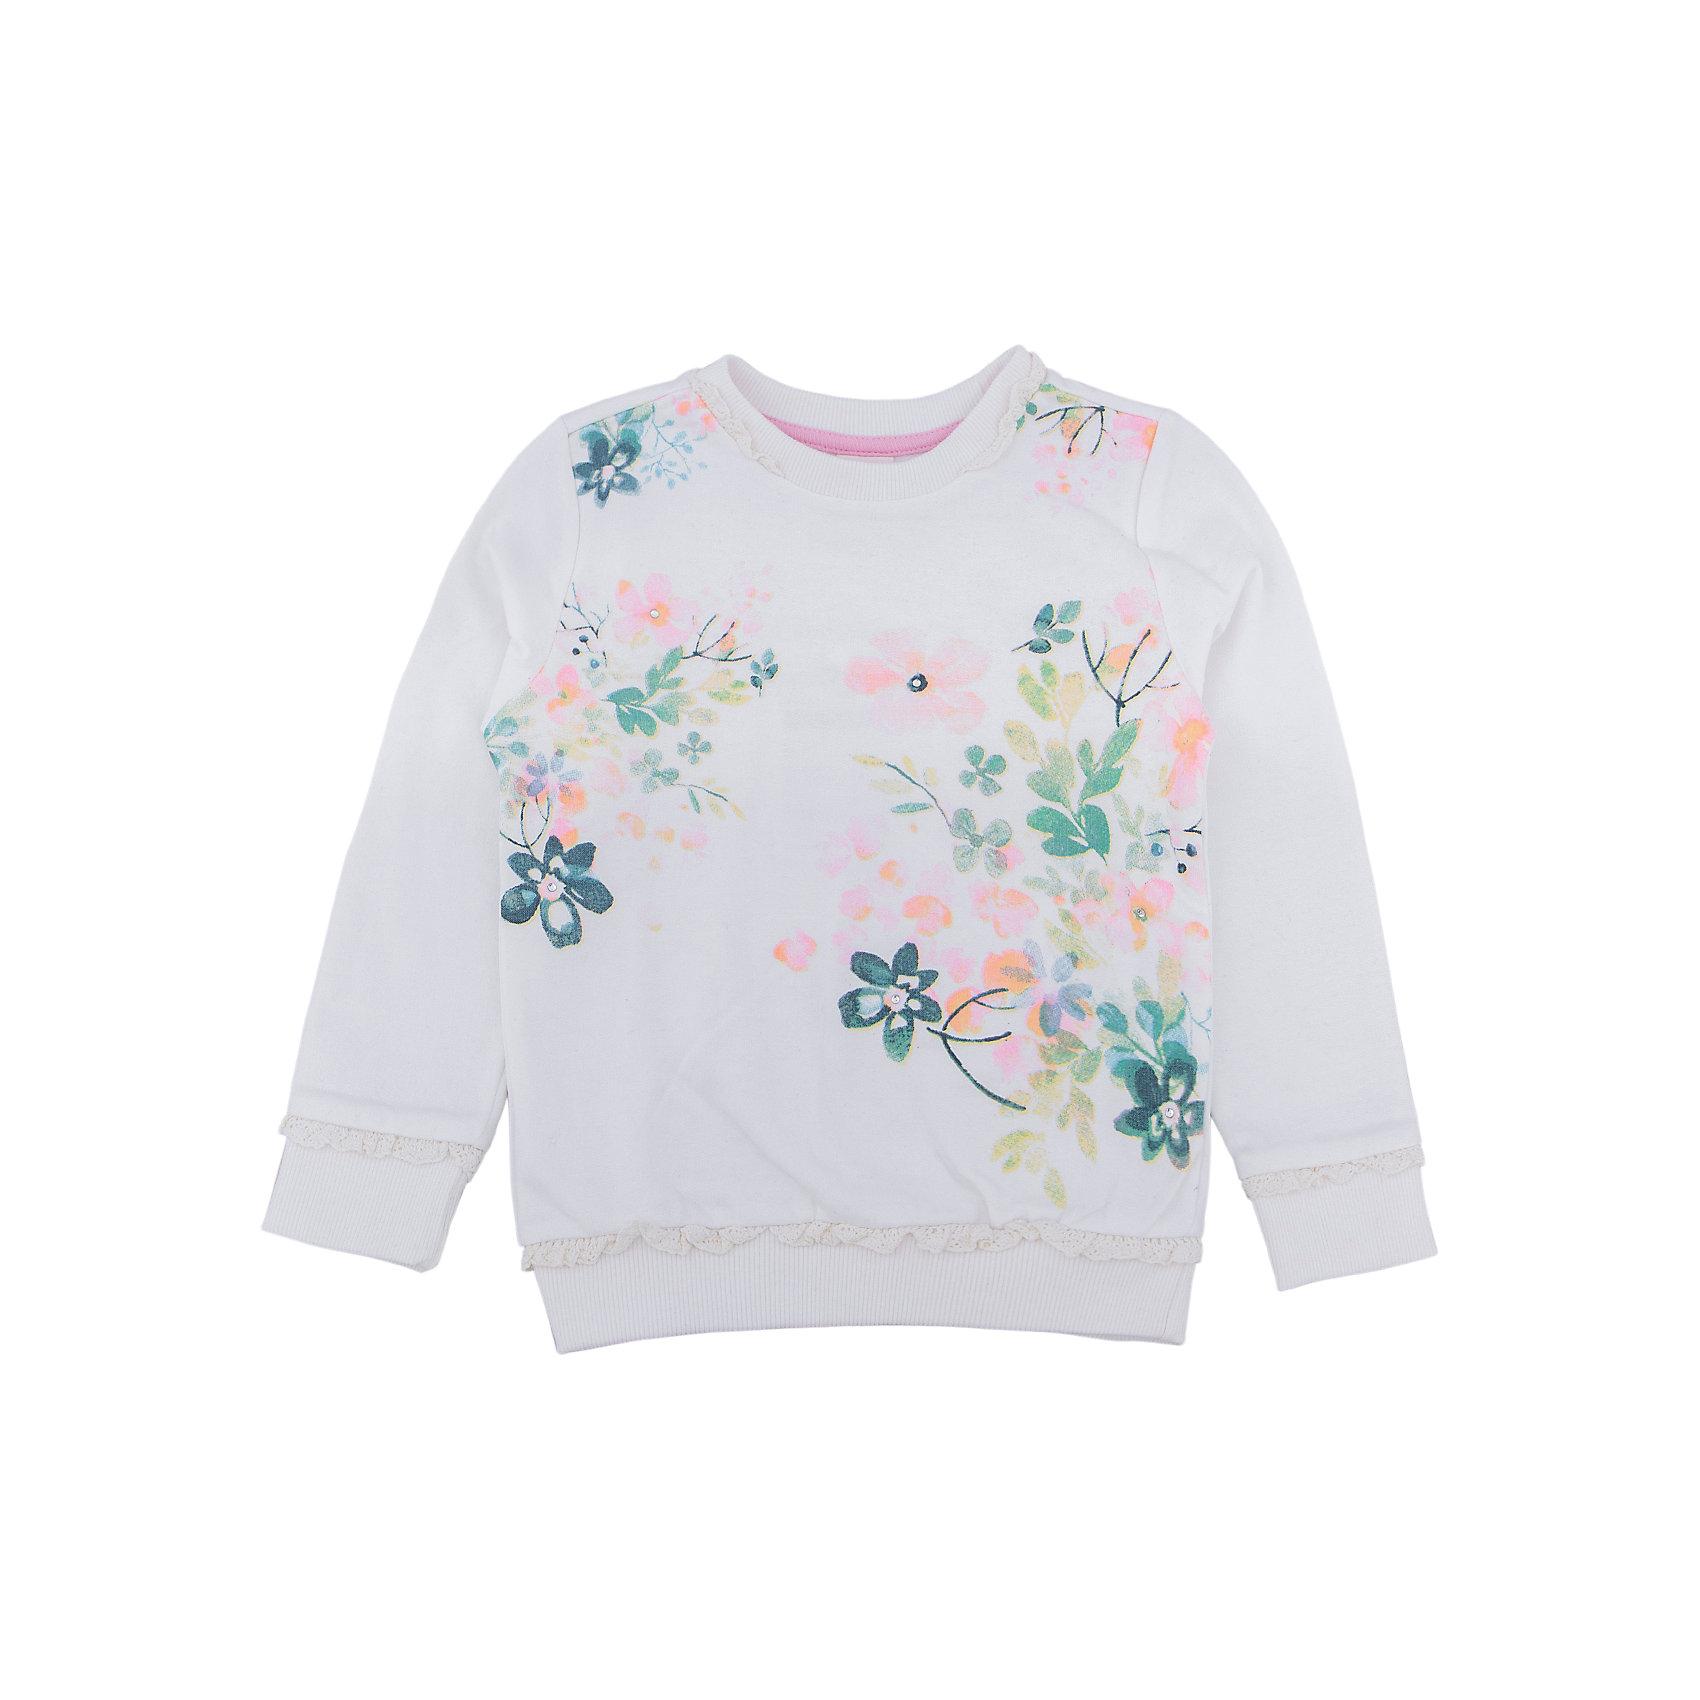 Джемпер для девочки SELAДжемпер для девочки SELA<br><br>Характеристики:<br><br>• Цвет молочный.<br>• Рукав длинный.<br>• Силуэт прямой.<br>• Состав:65% хлопок, 35% полиэстер.<br><br><br>Симпатичный джемпер для девочки от признанного лидера по созданию коллекций одежды в стиле casual - SELA. Красивый джемпер из хлопкового трикотажа молочного цвета украшен стильным цветочным принтом . Натуральный хлопок в составе изделия делает его дышащим, приятным на ощупь и гипоаллергенным. С таким джемпером можно создать много разных ансамблей - одинаково хорошо будет смотреться и нарядная юбочка и классические джинсы.<br><br>Джемпер для девочки SELA, можно купить в нашем интернет - магазине.<br><br>Ширина мм: 190<br>Глубина мм: 74<br>Высота мм: 229<br>Вес г: 236<br>Цвет: белый<br>Возраст от месяцев: 24<br>Возраст до месяцев: 36<br>Пол: Женский<br>Возраст: Детский<br>Размер: 98,104,110,116,92<br>SKU: 5020293